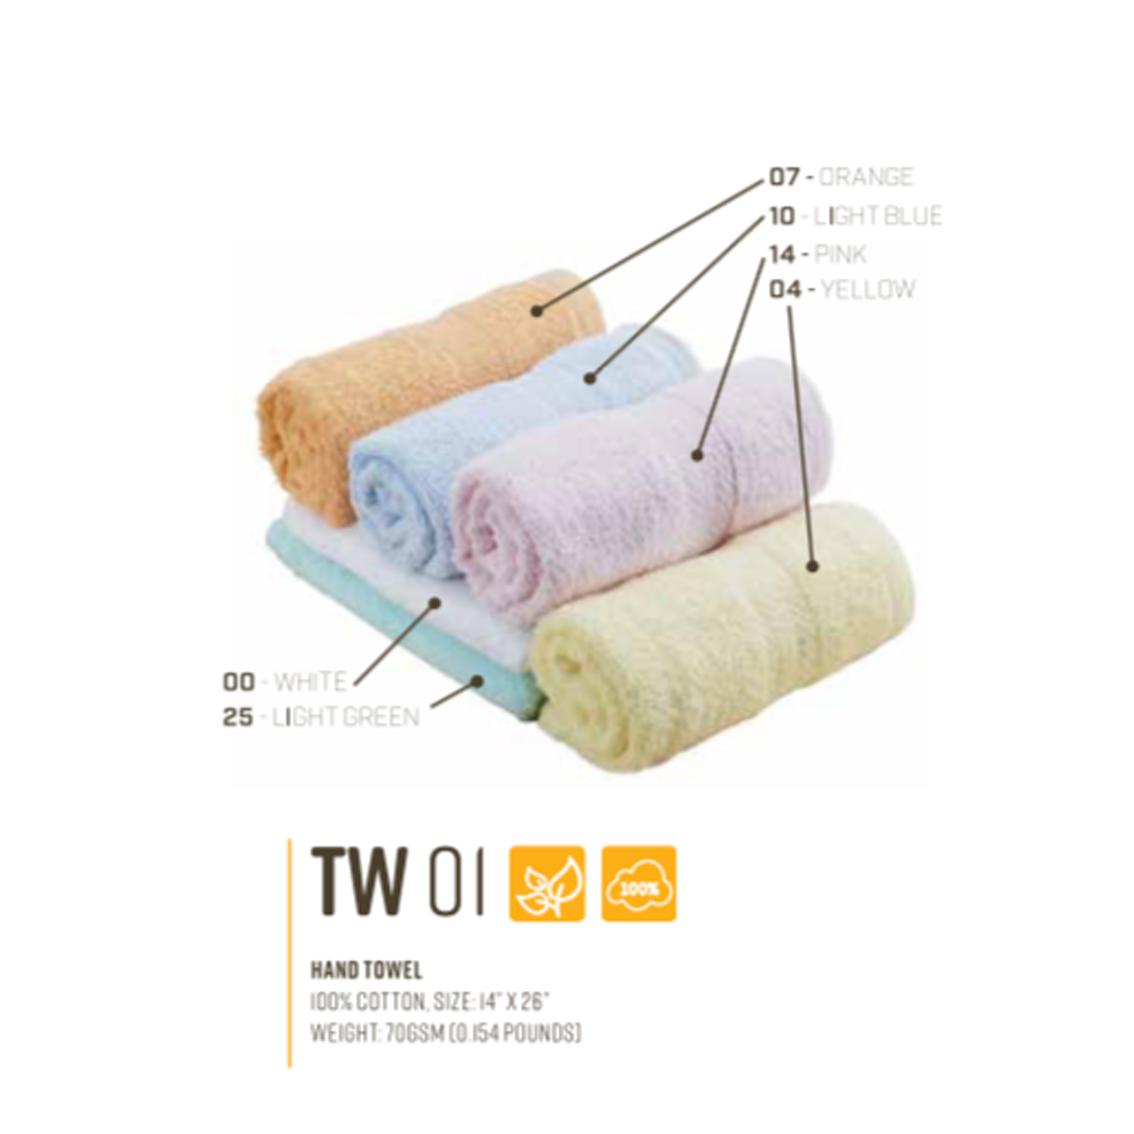 TW01 Hand Towel 4